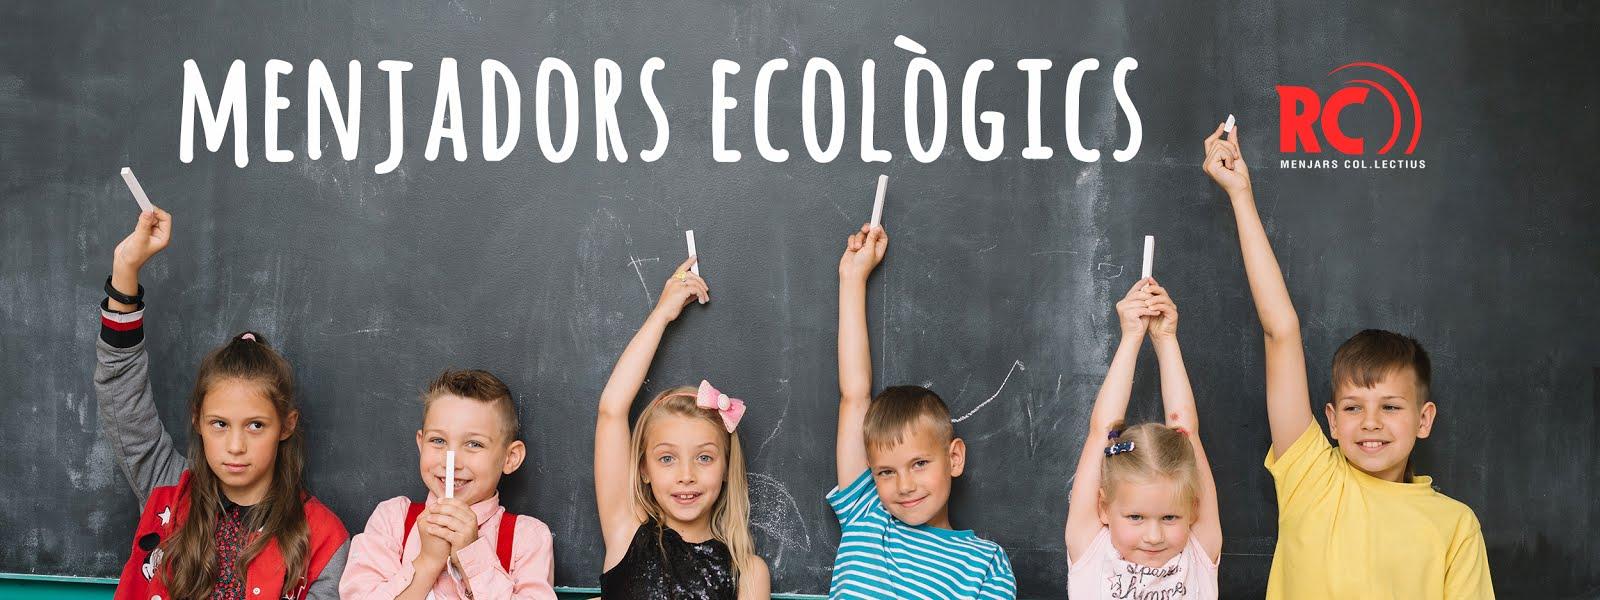 Menjadors ecologics - RC Serveis